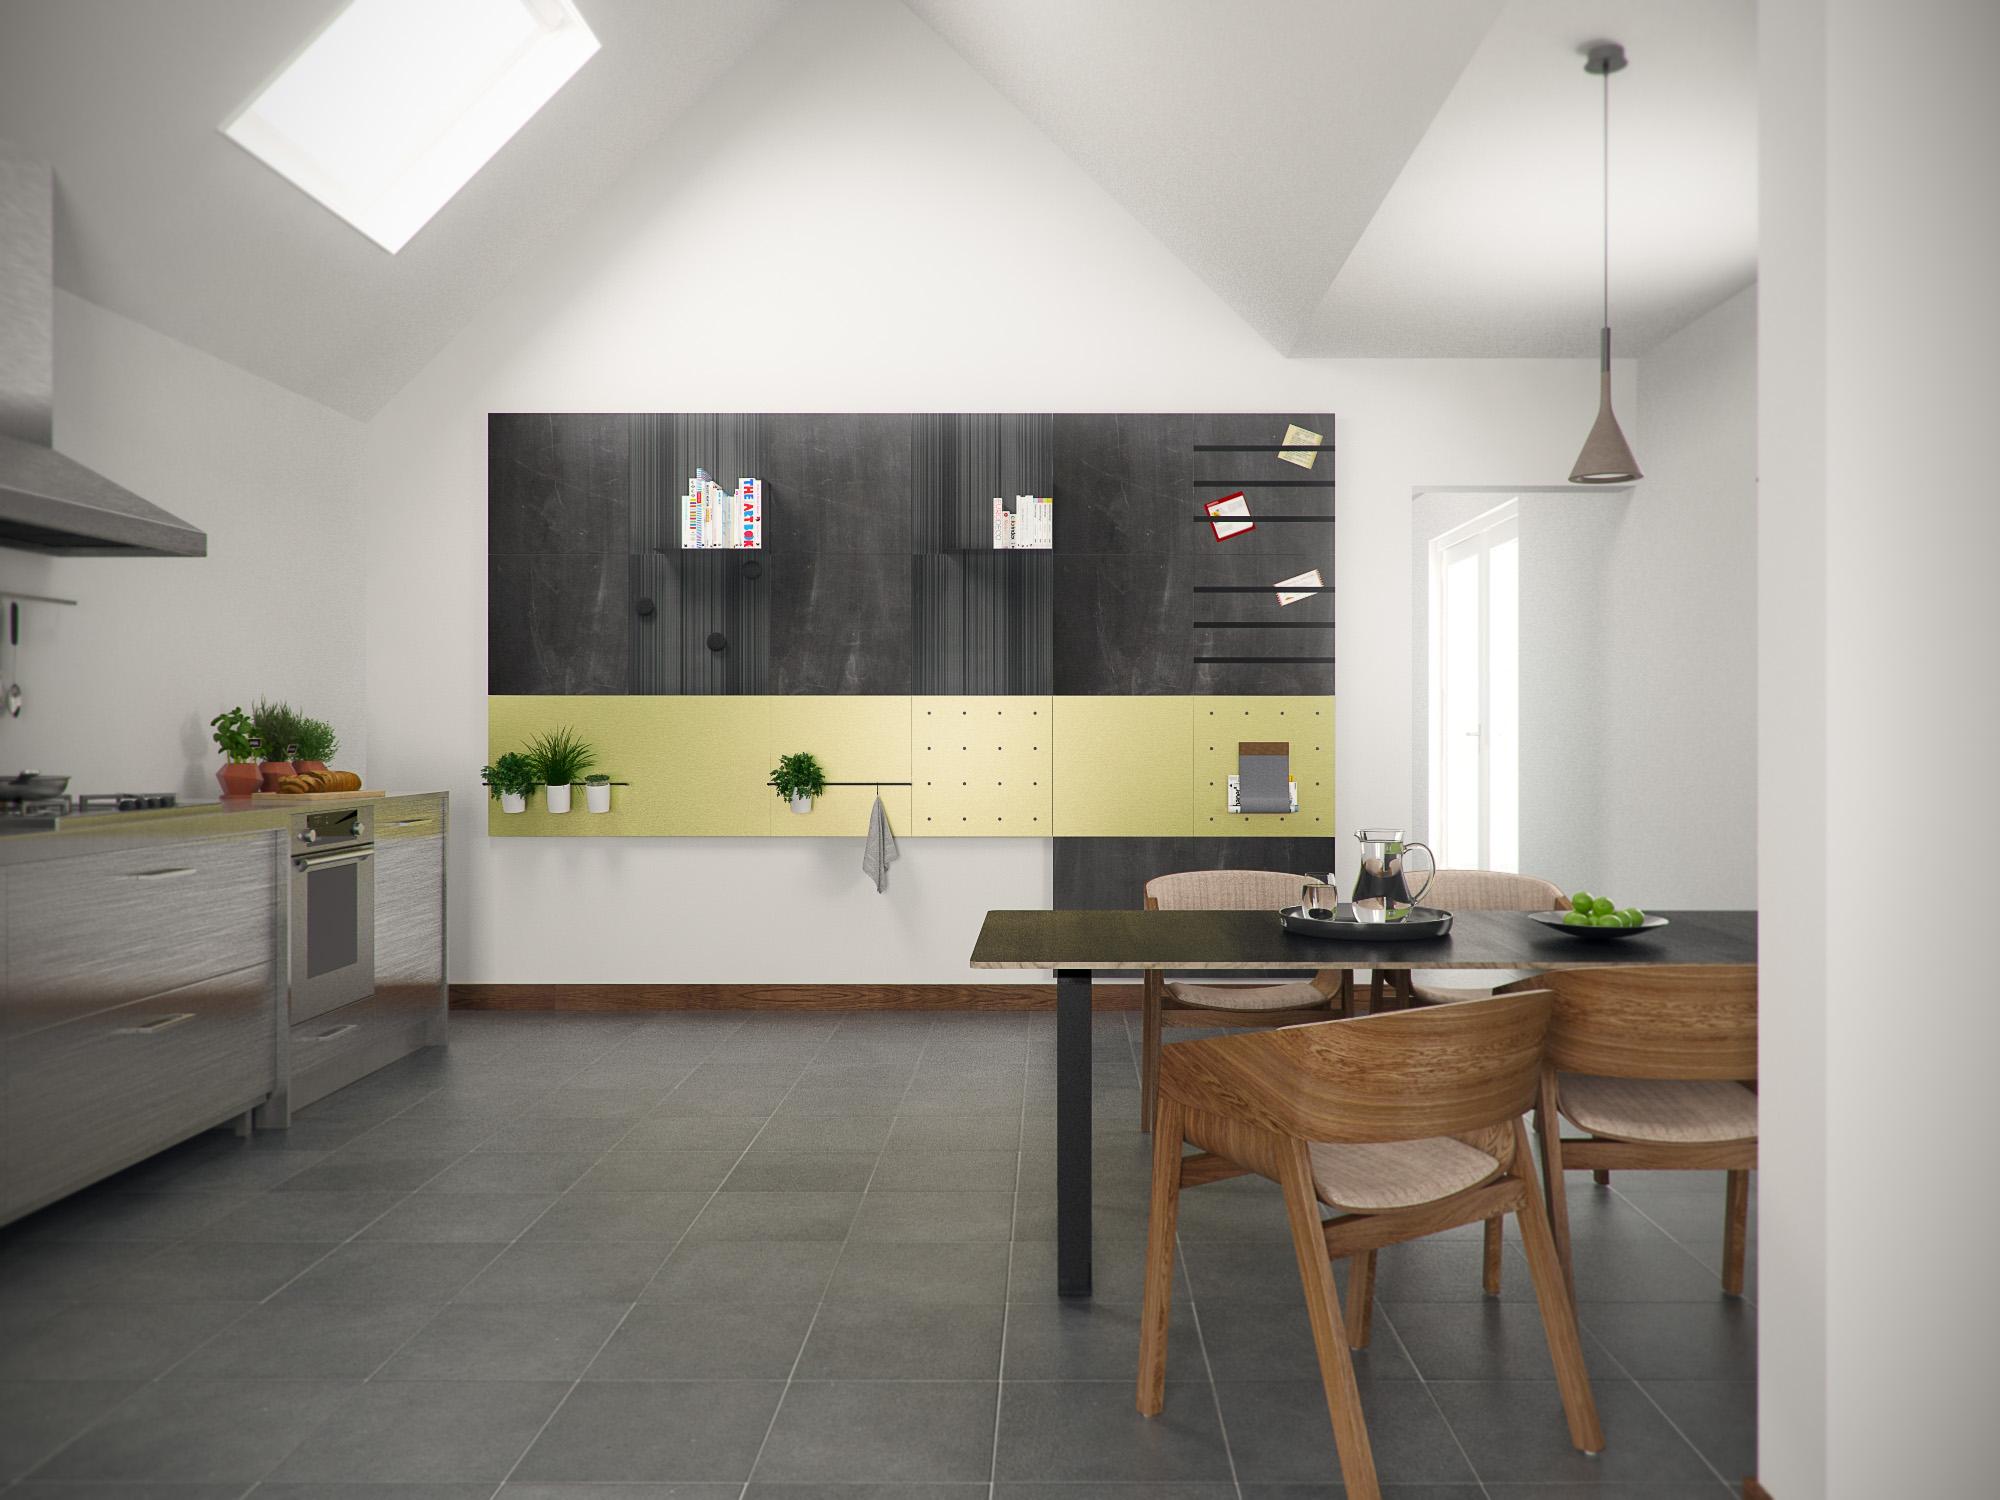 Kamers keuken classy